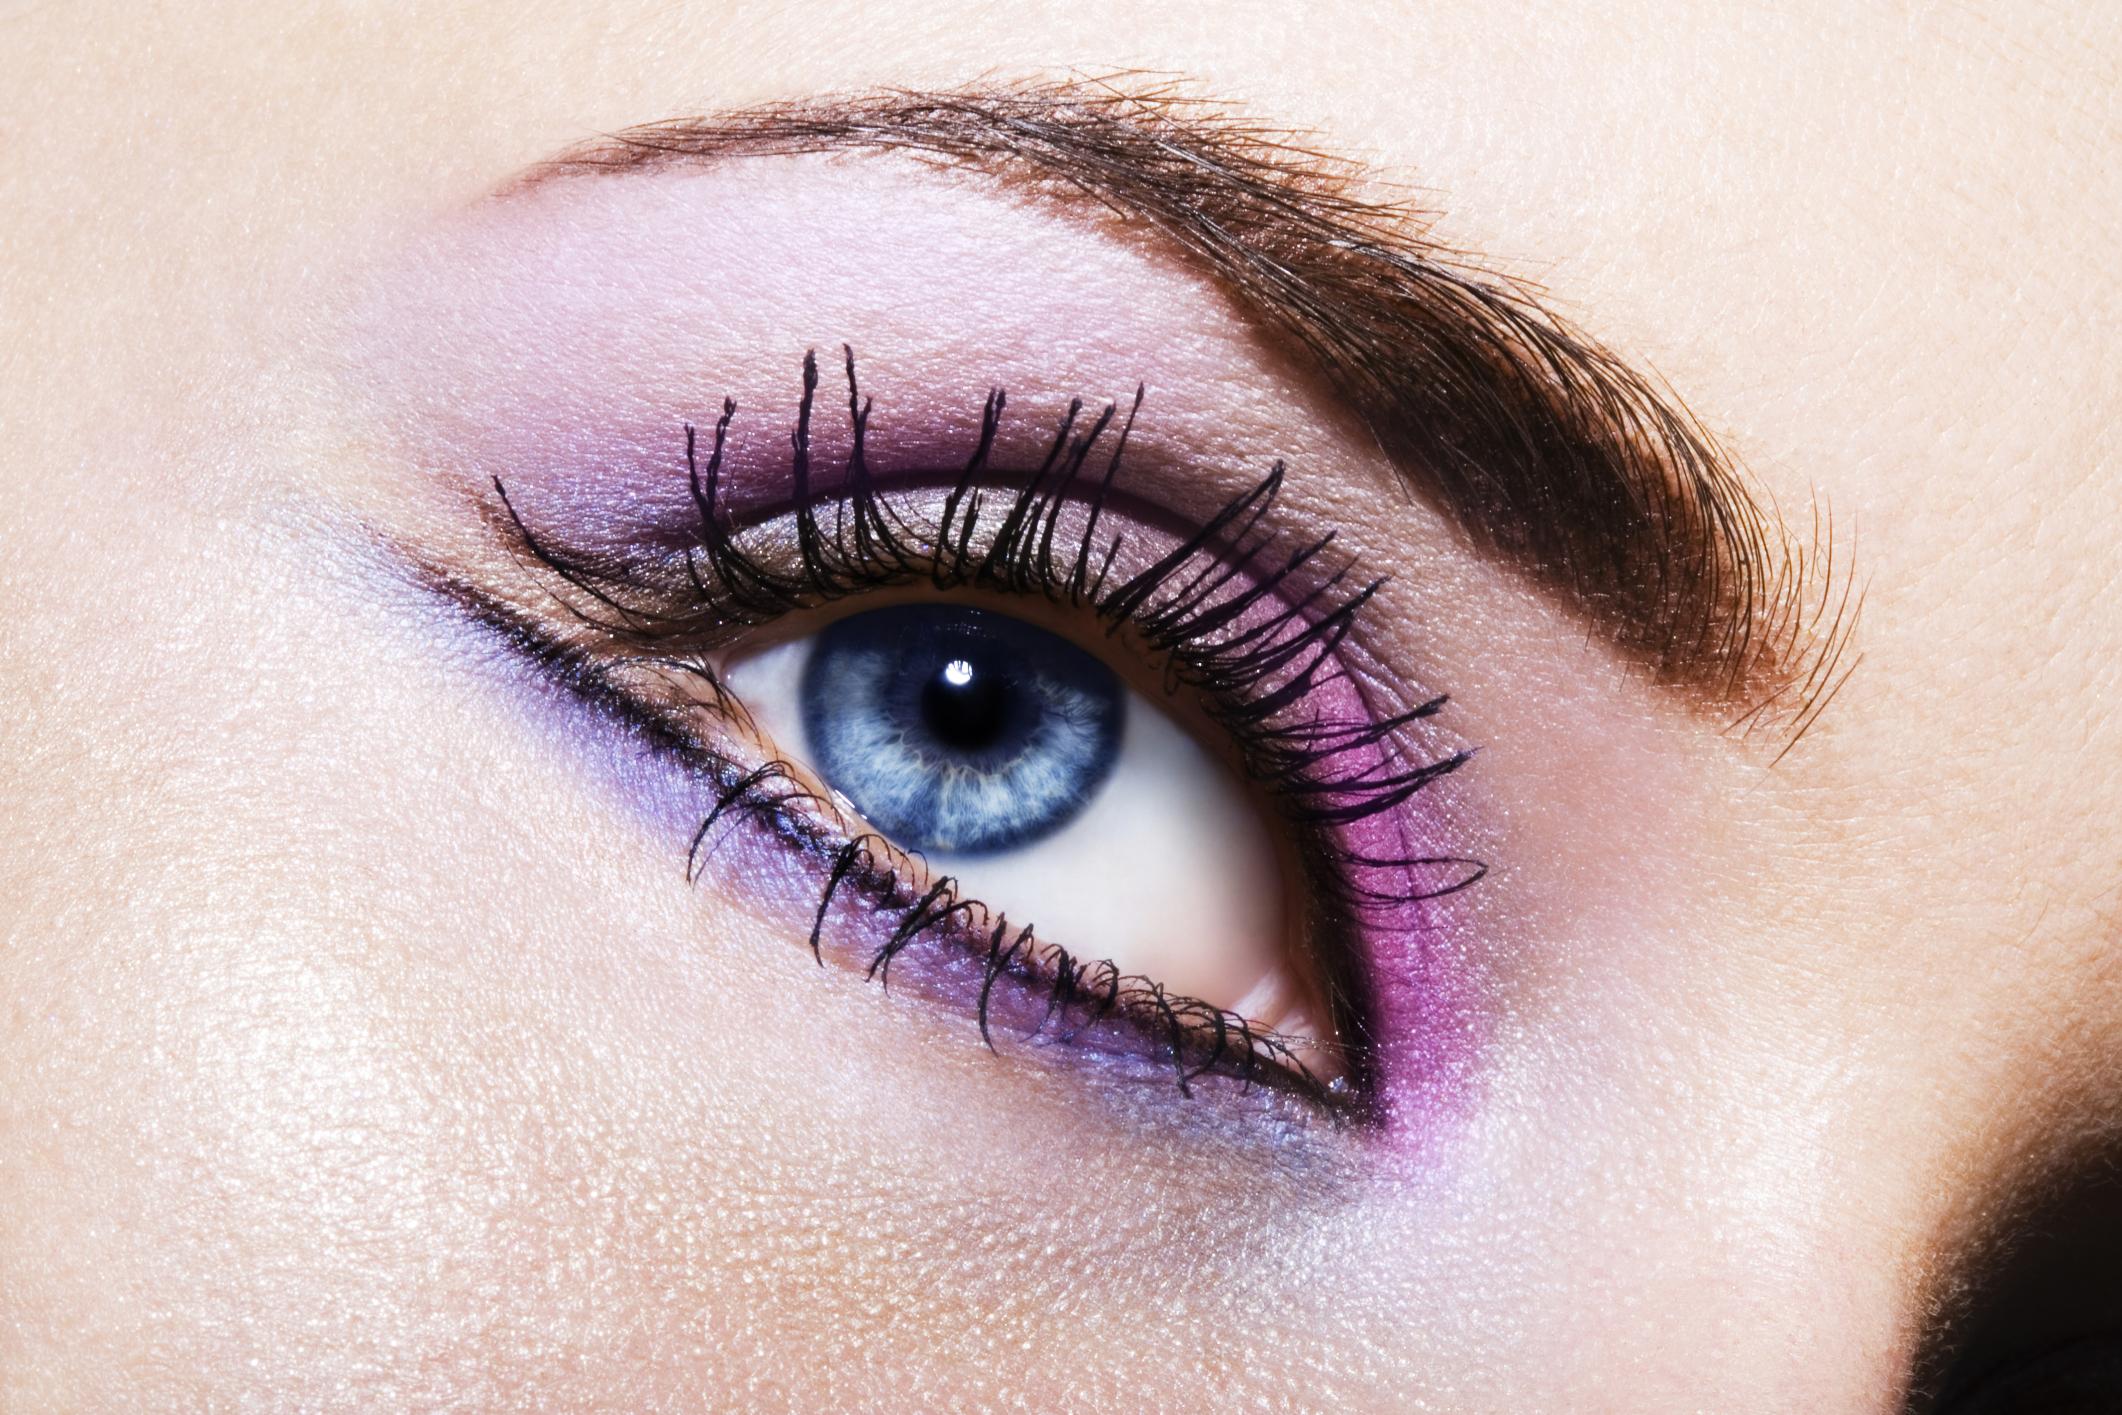 Девушка с красочным малиново-фиолетовым макияжем